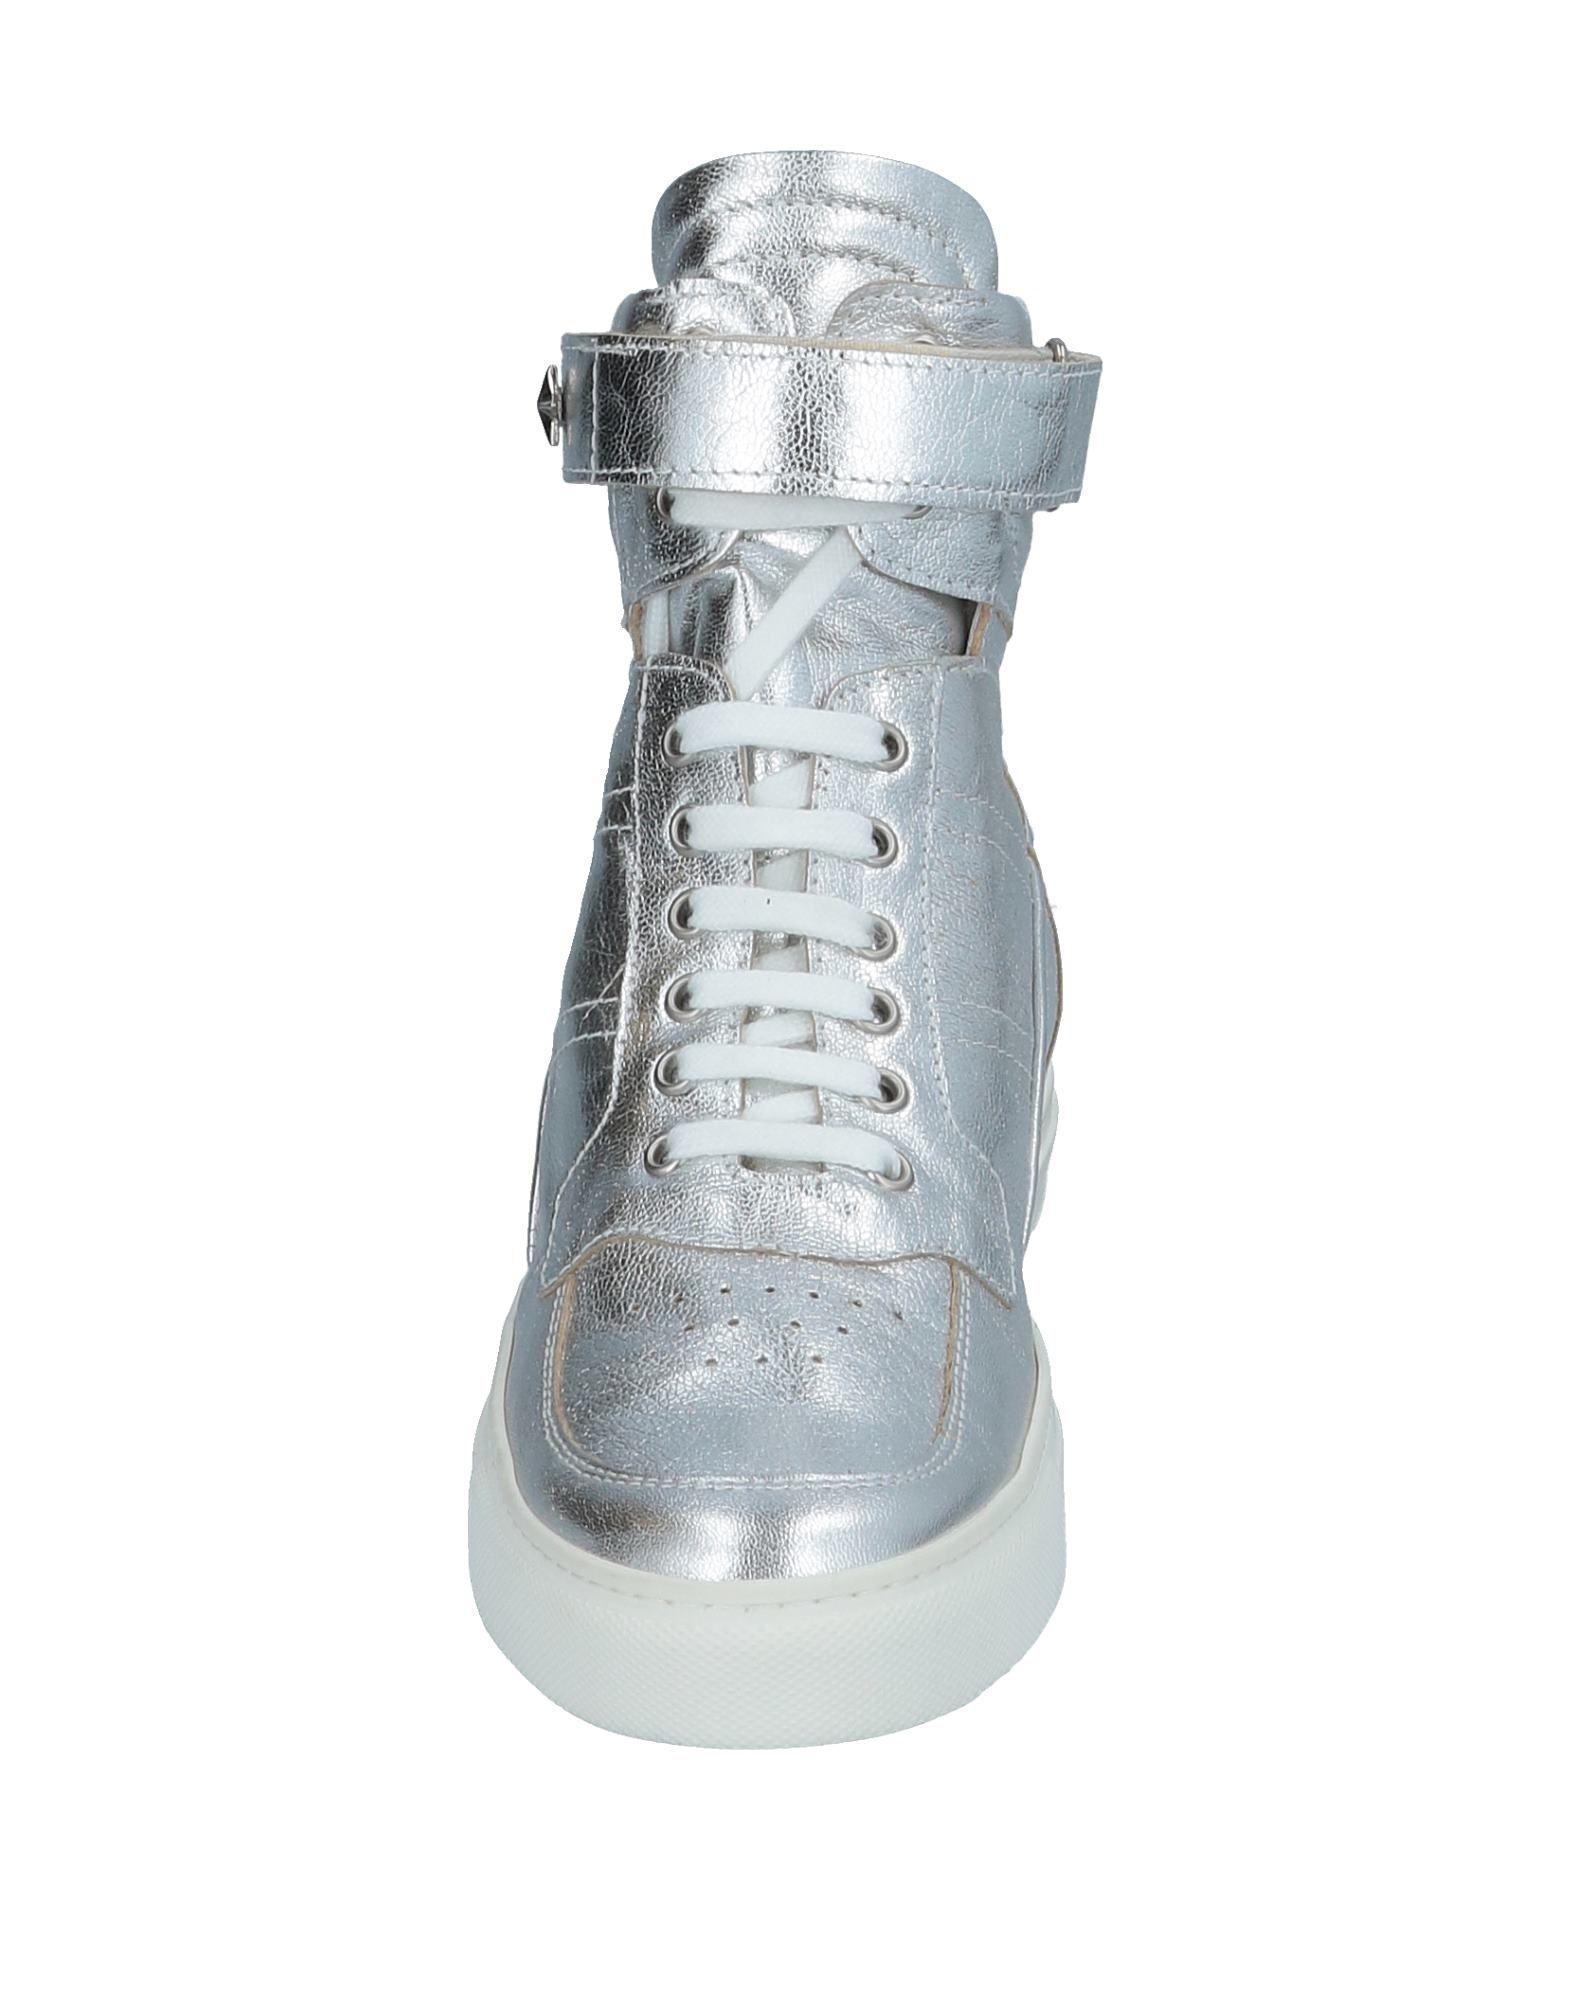 Lea-Gu Leather High-tops & Sneakers in Silver (Metallic)